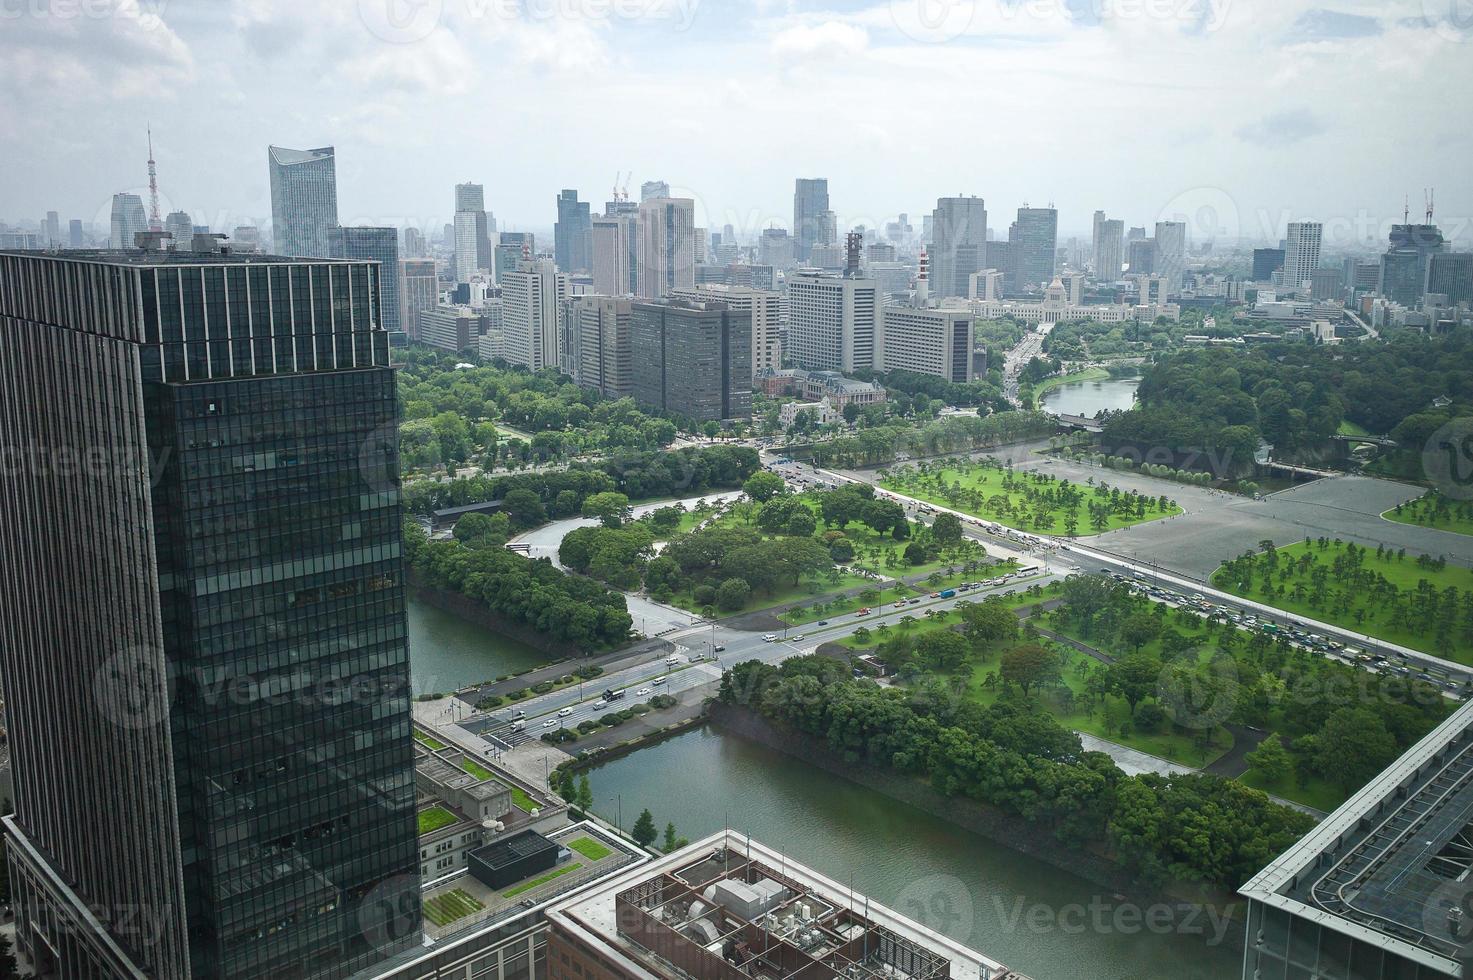 jardins imperiais - distrito de negócios - tóquio foto